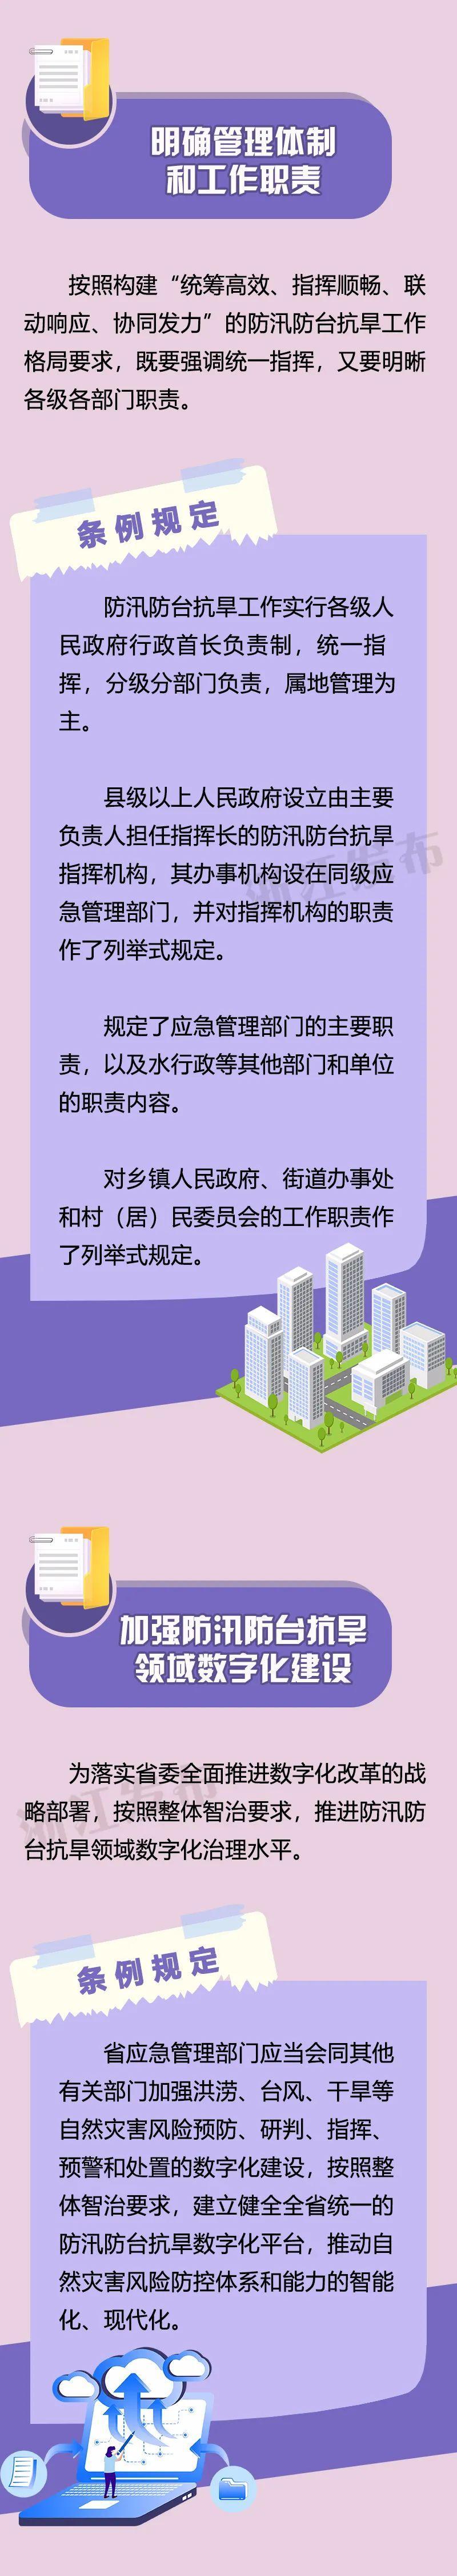 浙江省通过了修订后的《浙江省防汛防台抗旱条例》,7月1日起实施!图2